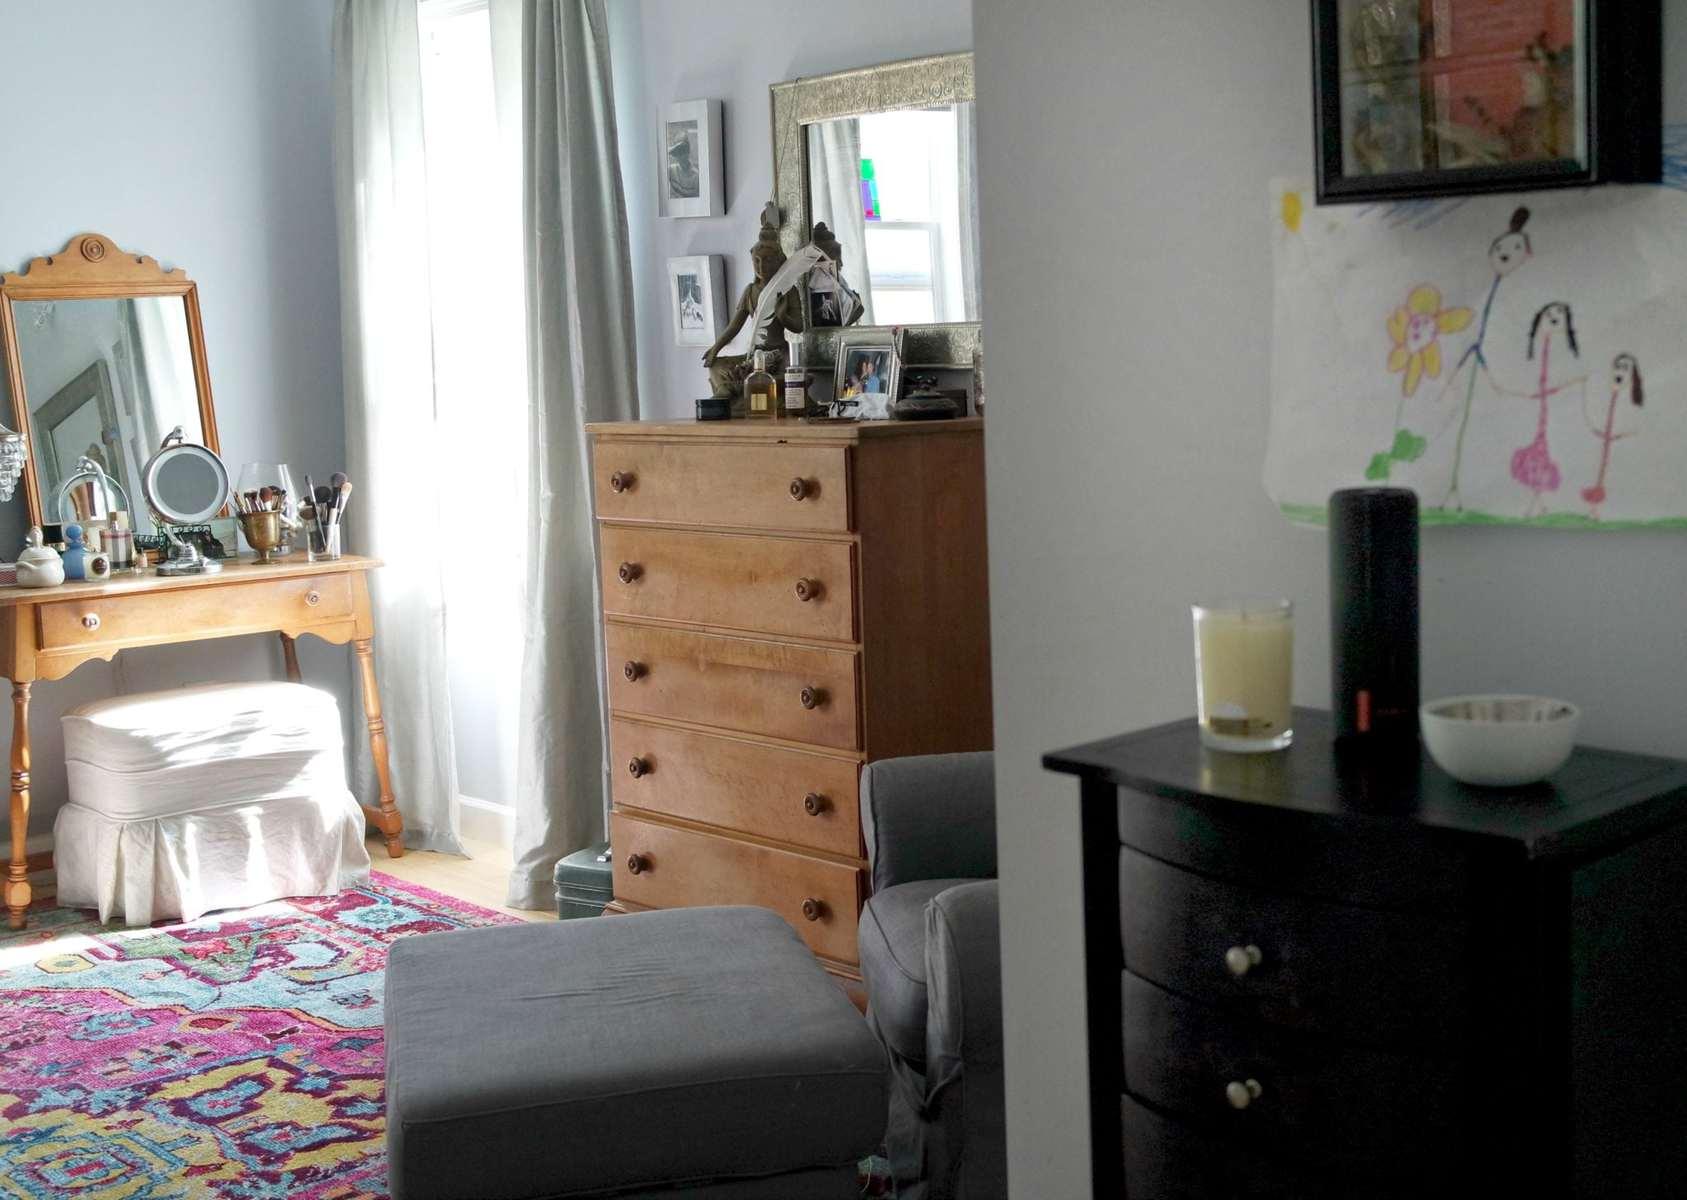 Wardrobe Oxygen: Inside my Bedroom